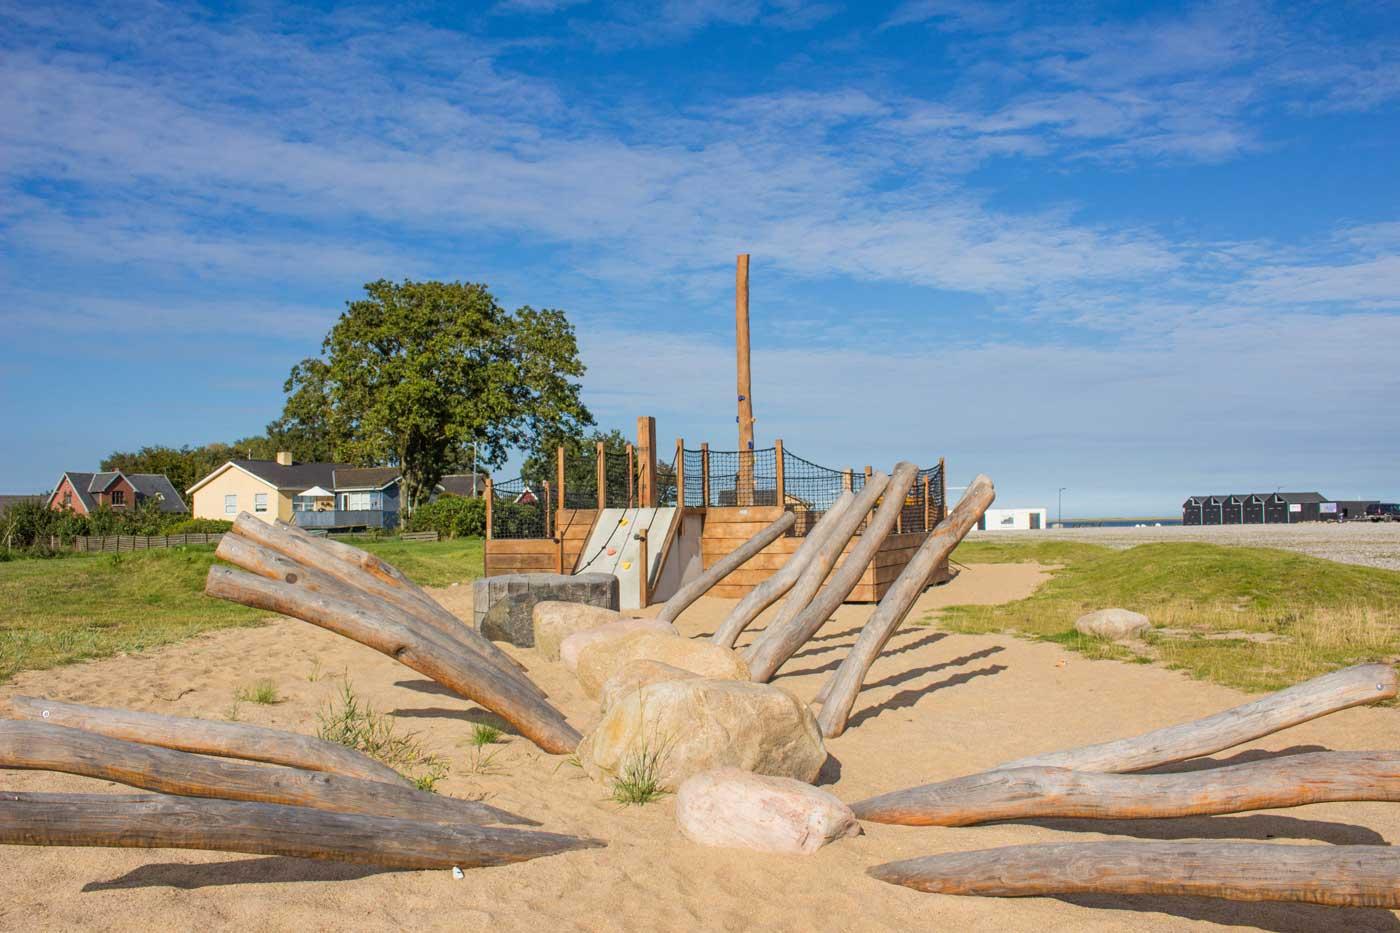 Flotte legearealer til børn med krudt i numsen ved Udbyhøj strand og havn